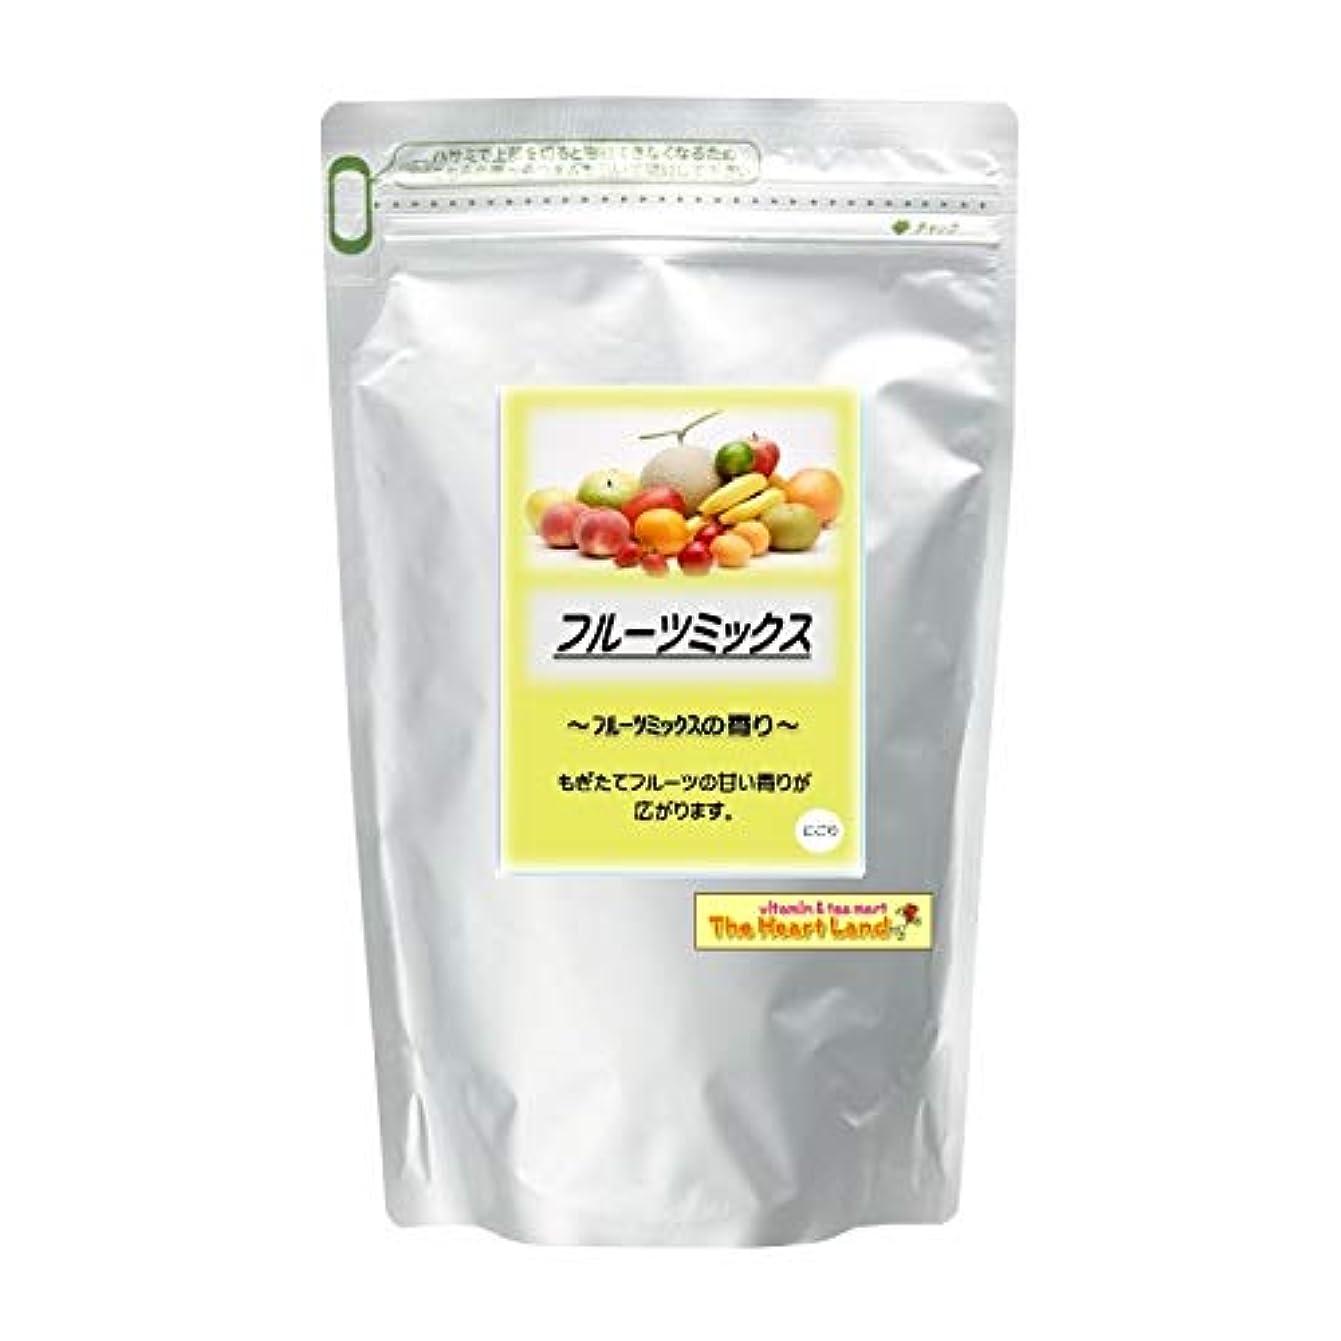 危機永久コジオスコアサヒ入浴剤 浴用入浴化粧品 フルーツミックス 2.5kg